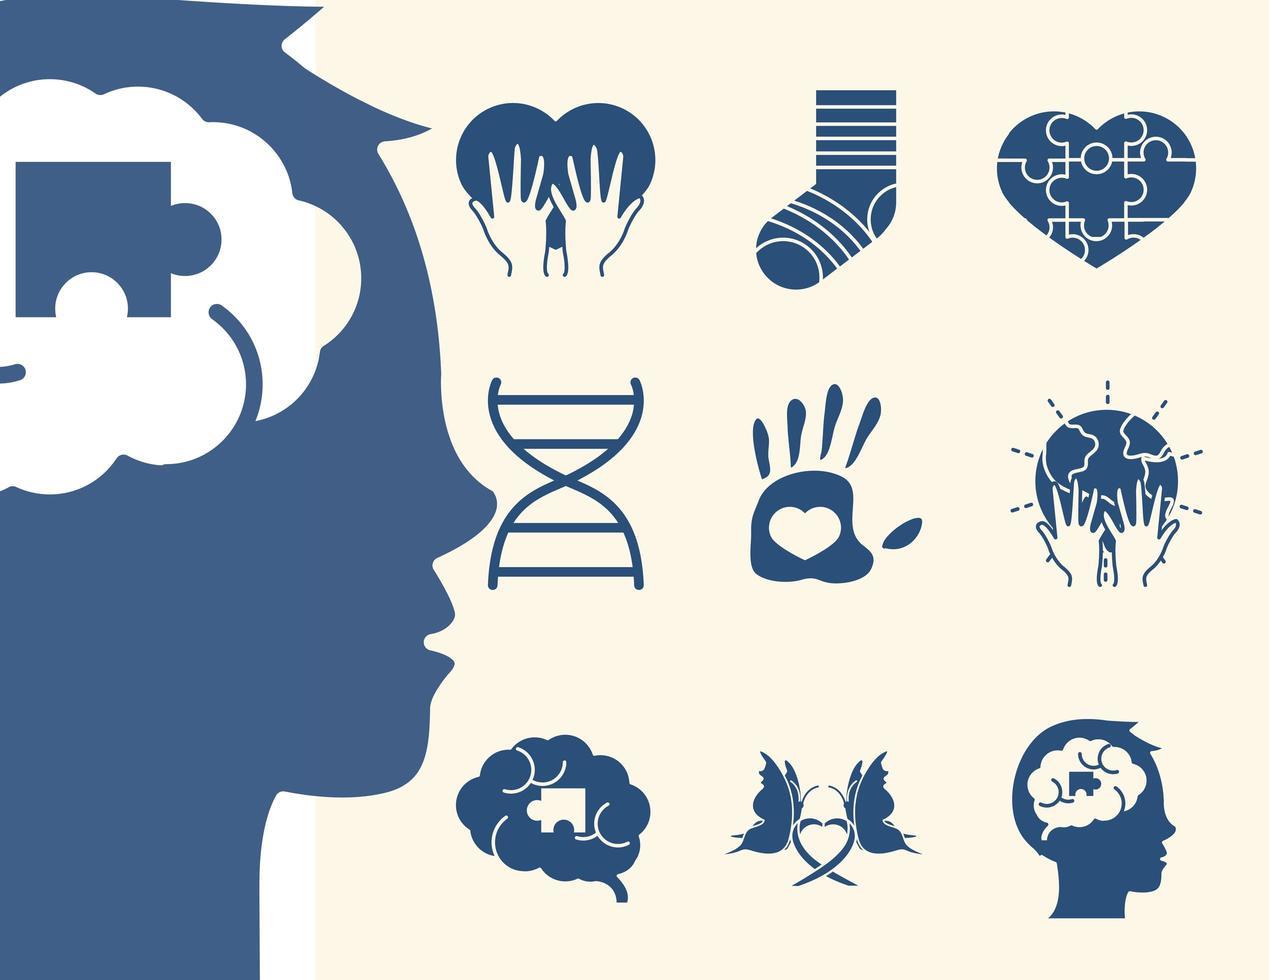 día mundial del síndrome de down pictograma conjunto de iconos vector